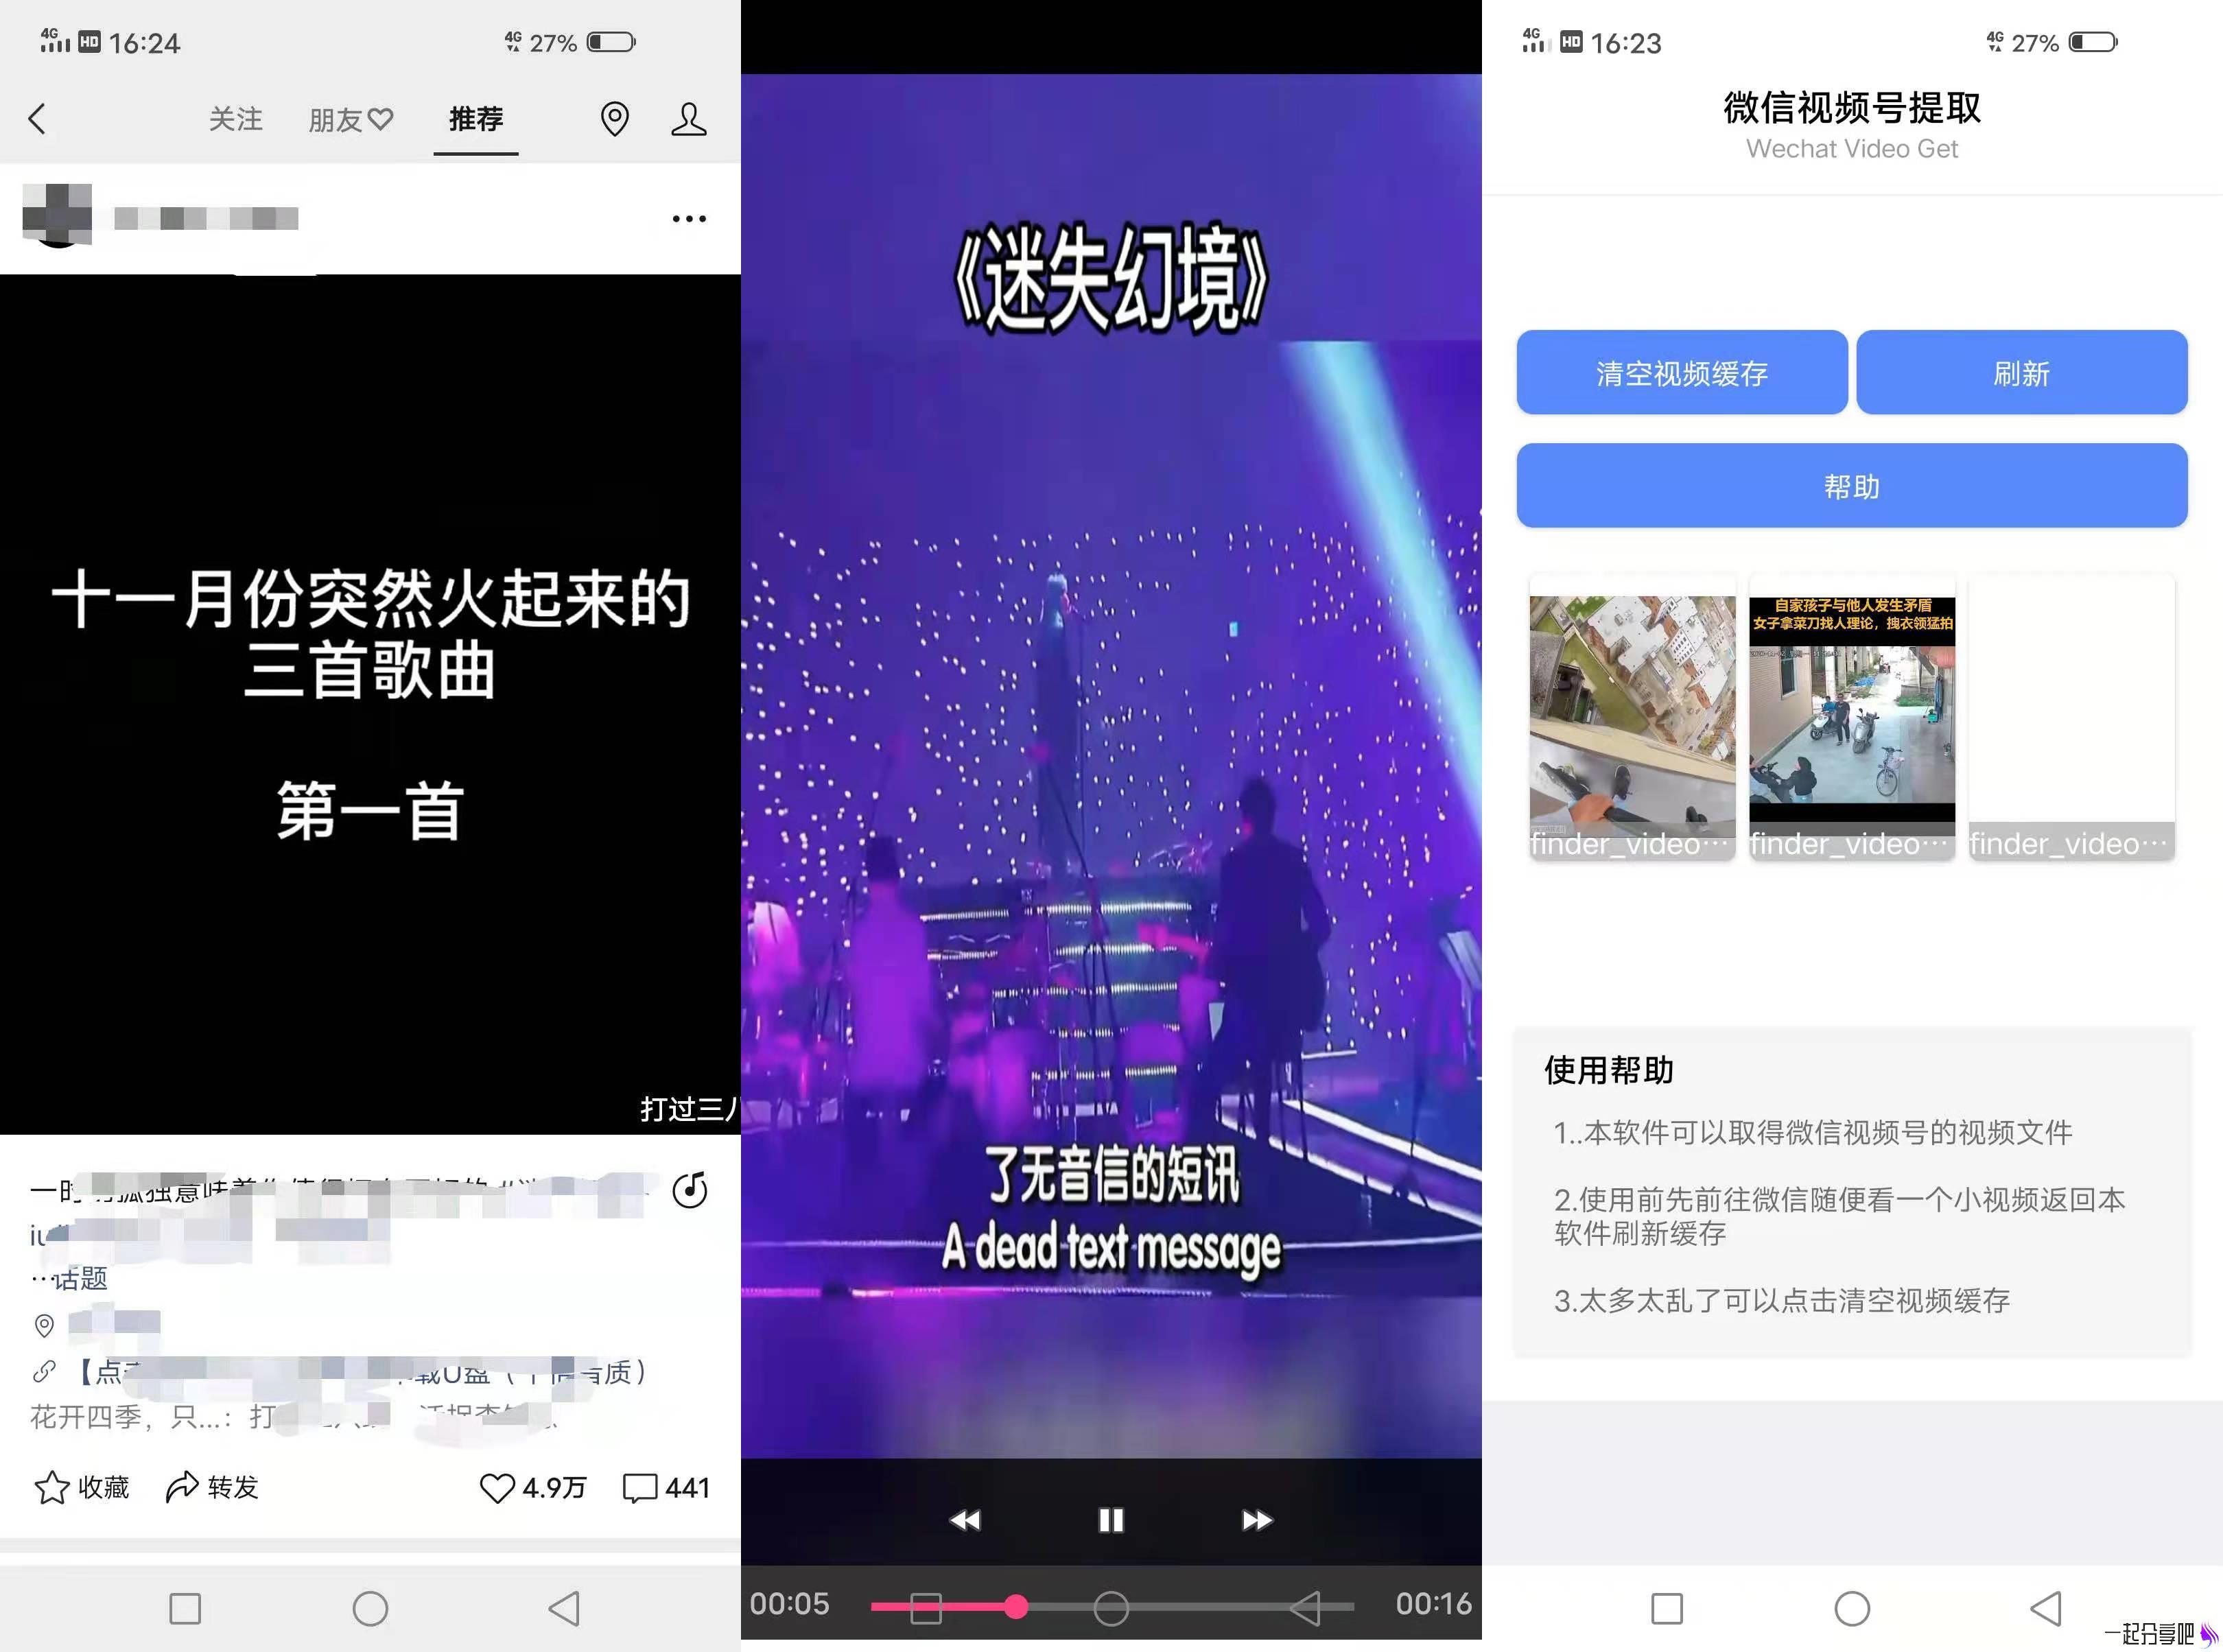 【安卓】微信视频号提取小工具 第1张